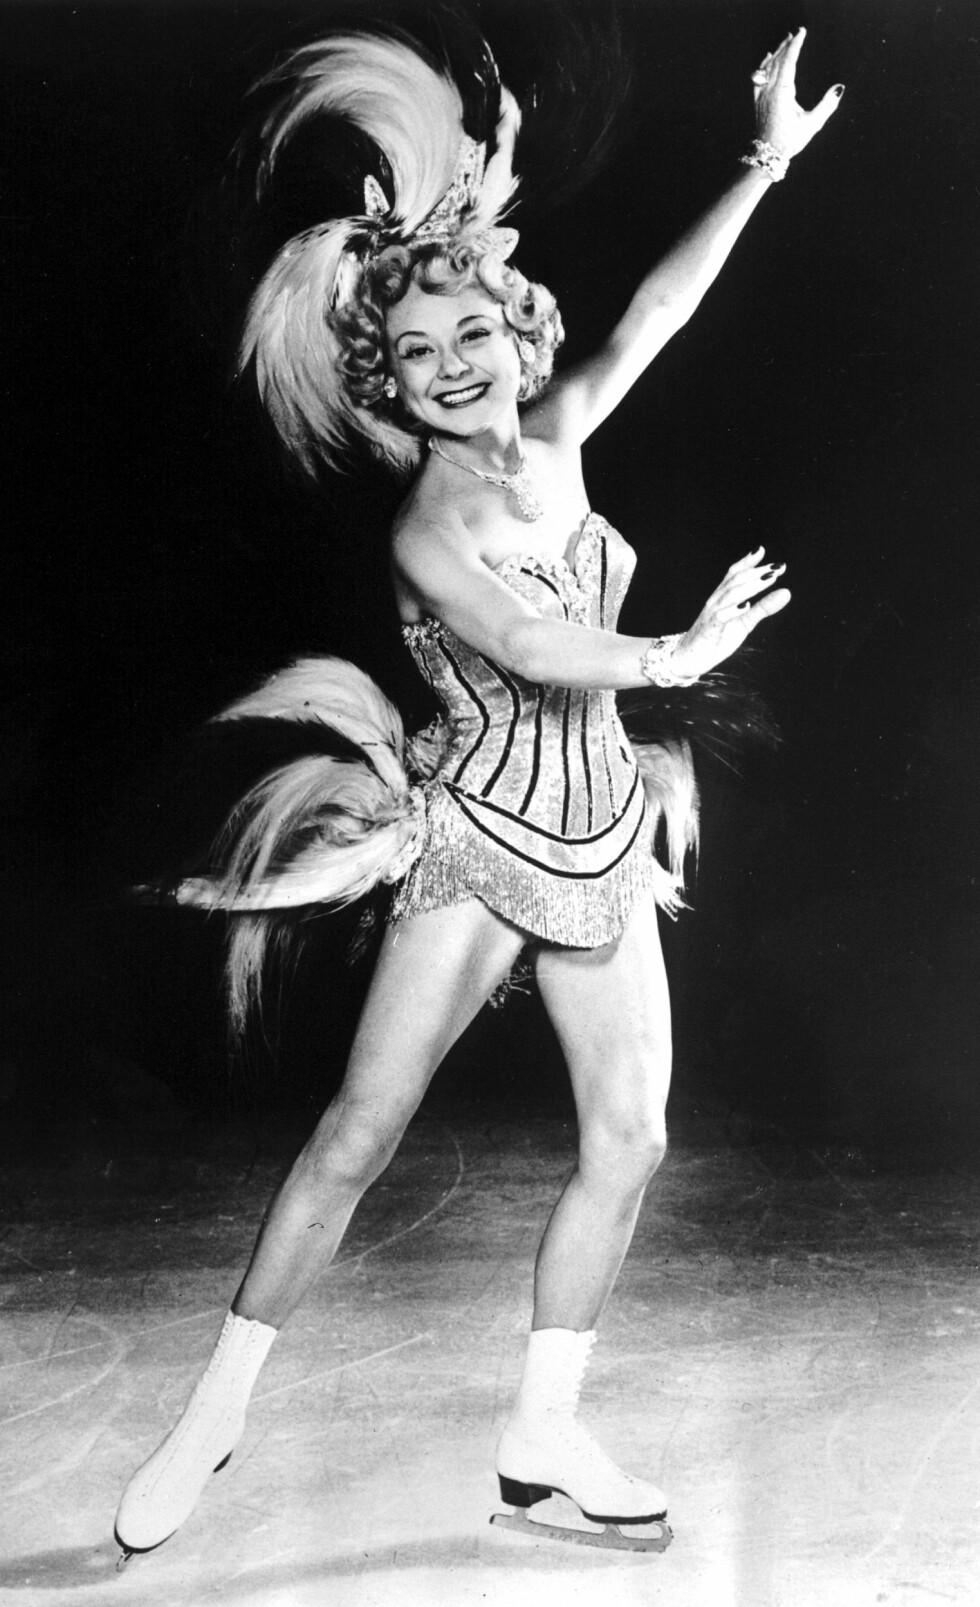 BLE 57 ÅR: Den 12. oktober 1969 døde Sonja Henie om bord på et fly mellom Paris og Oslo. Året i forveien hadde hun fått diagnosen leukemi. Dette bildet er fra 1953. FOTO: NTB Scanpix